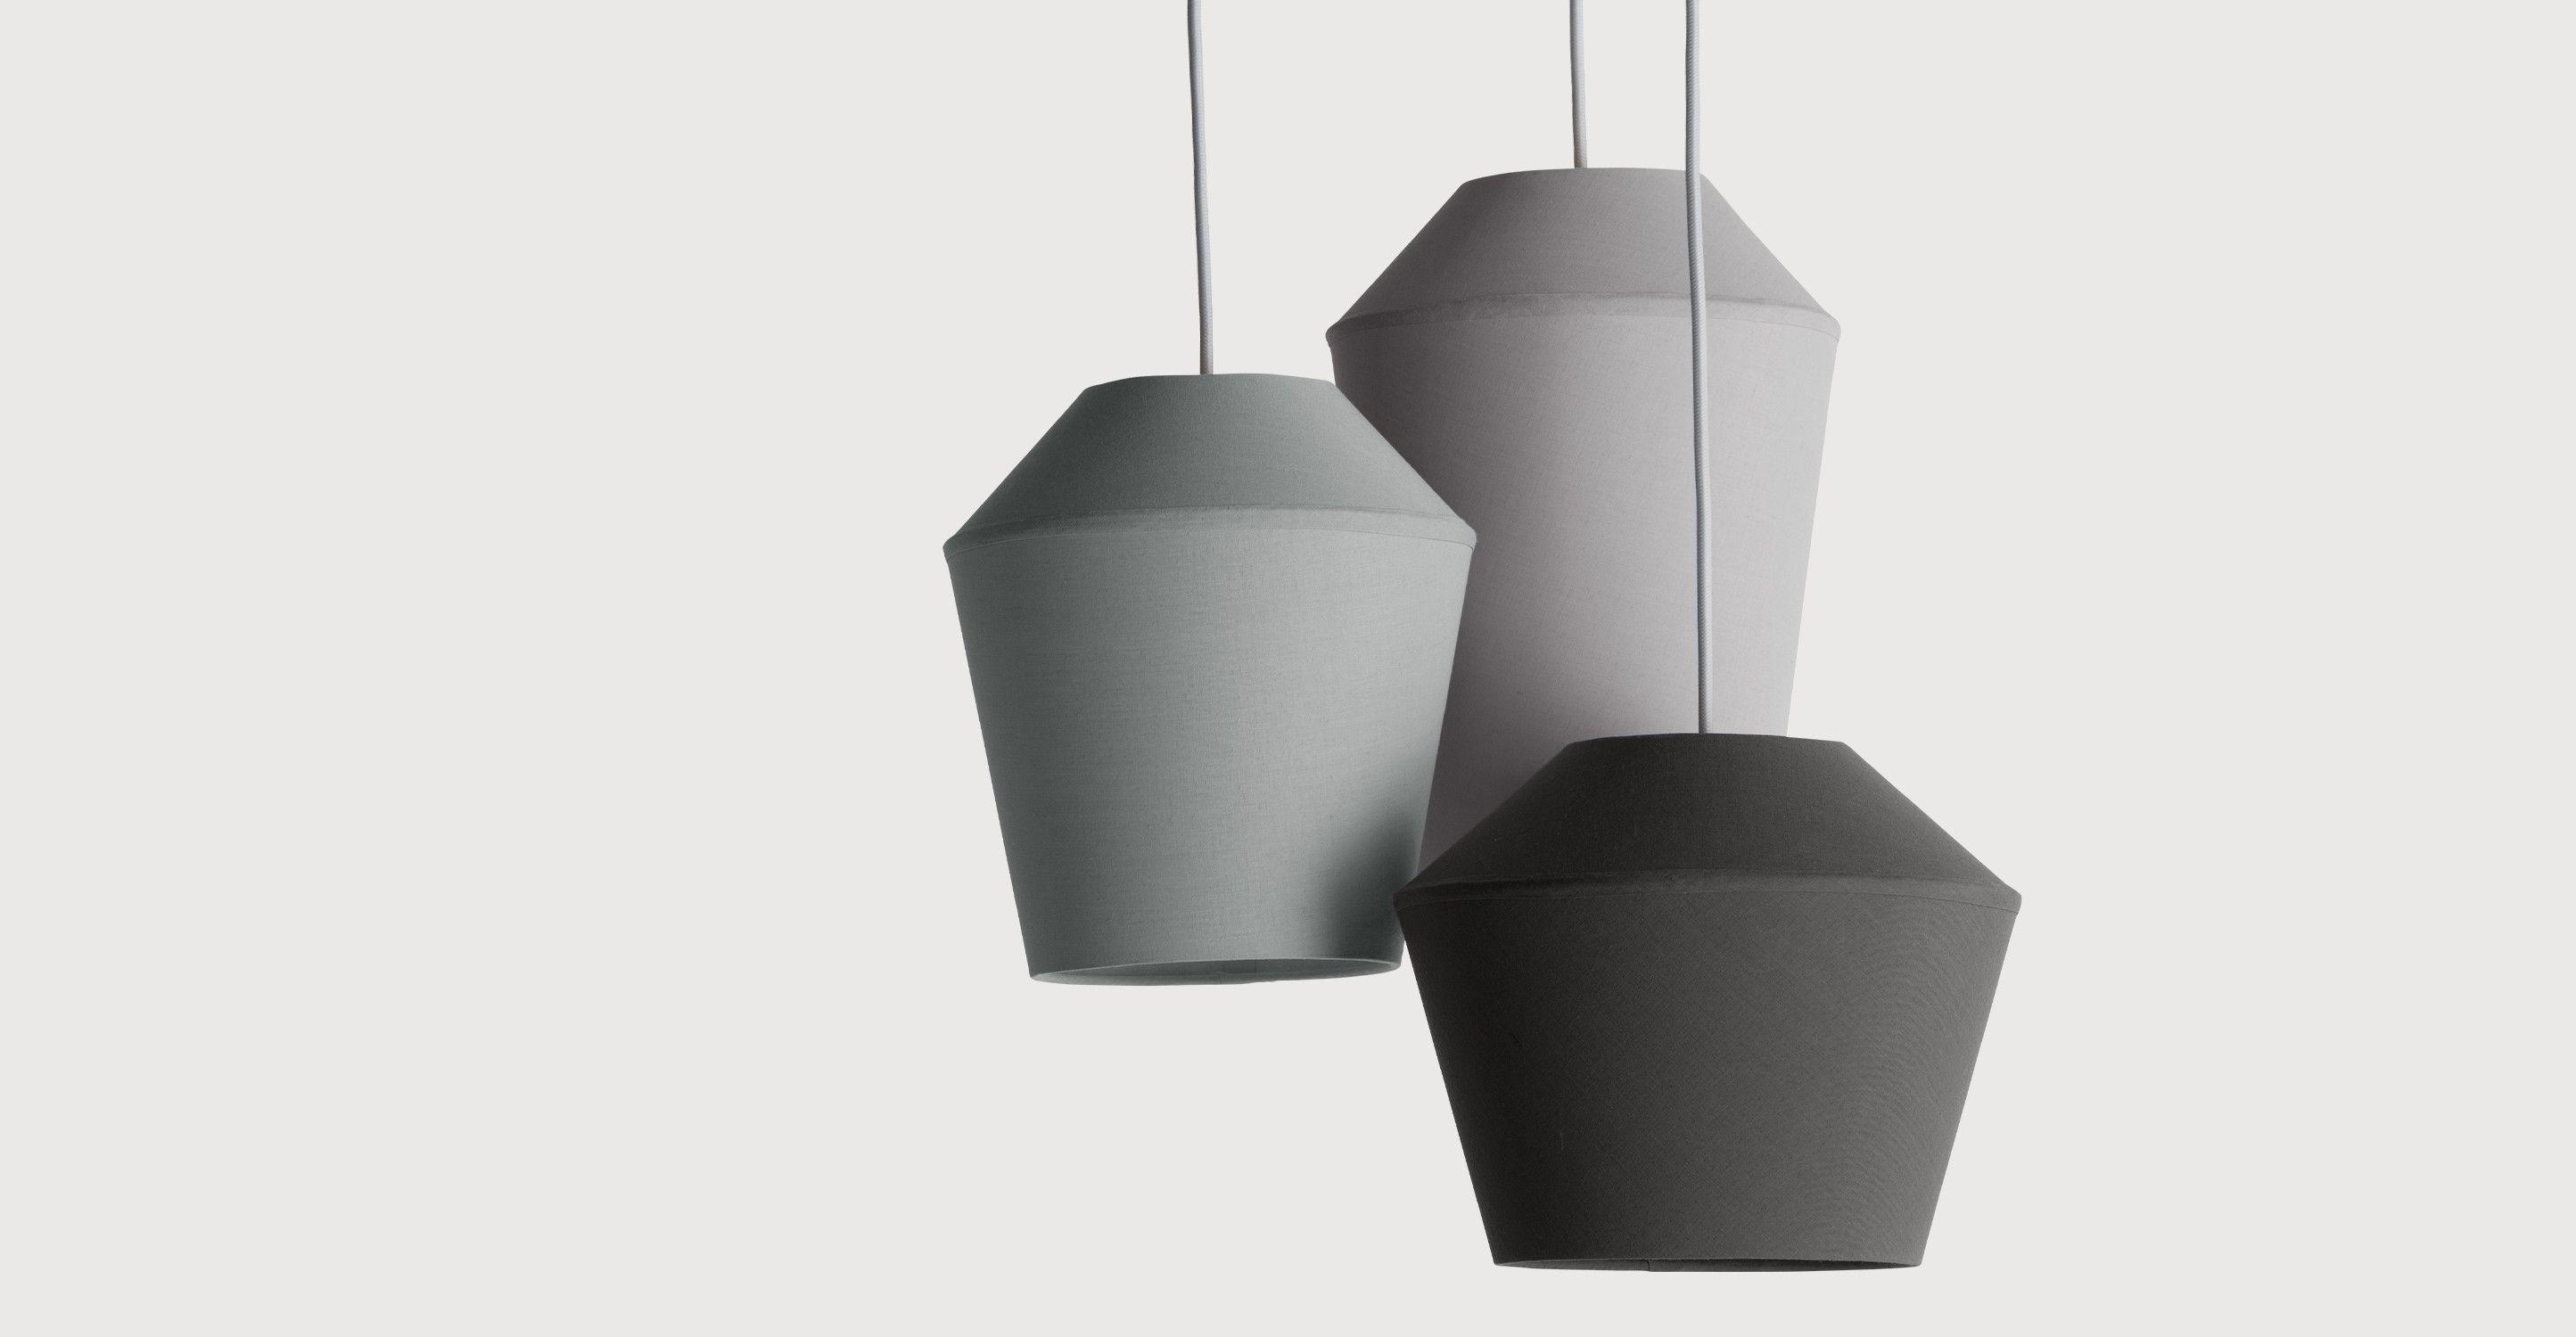 Günstige Wohnzimmerlampen ~ Tuli cluster pendelleuchte grautöne hängelampen beleuchtung und